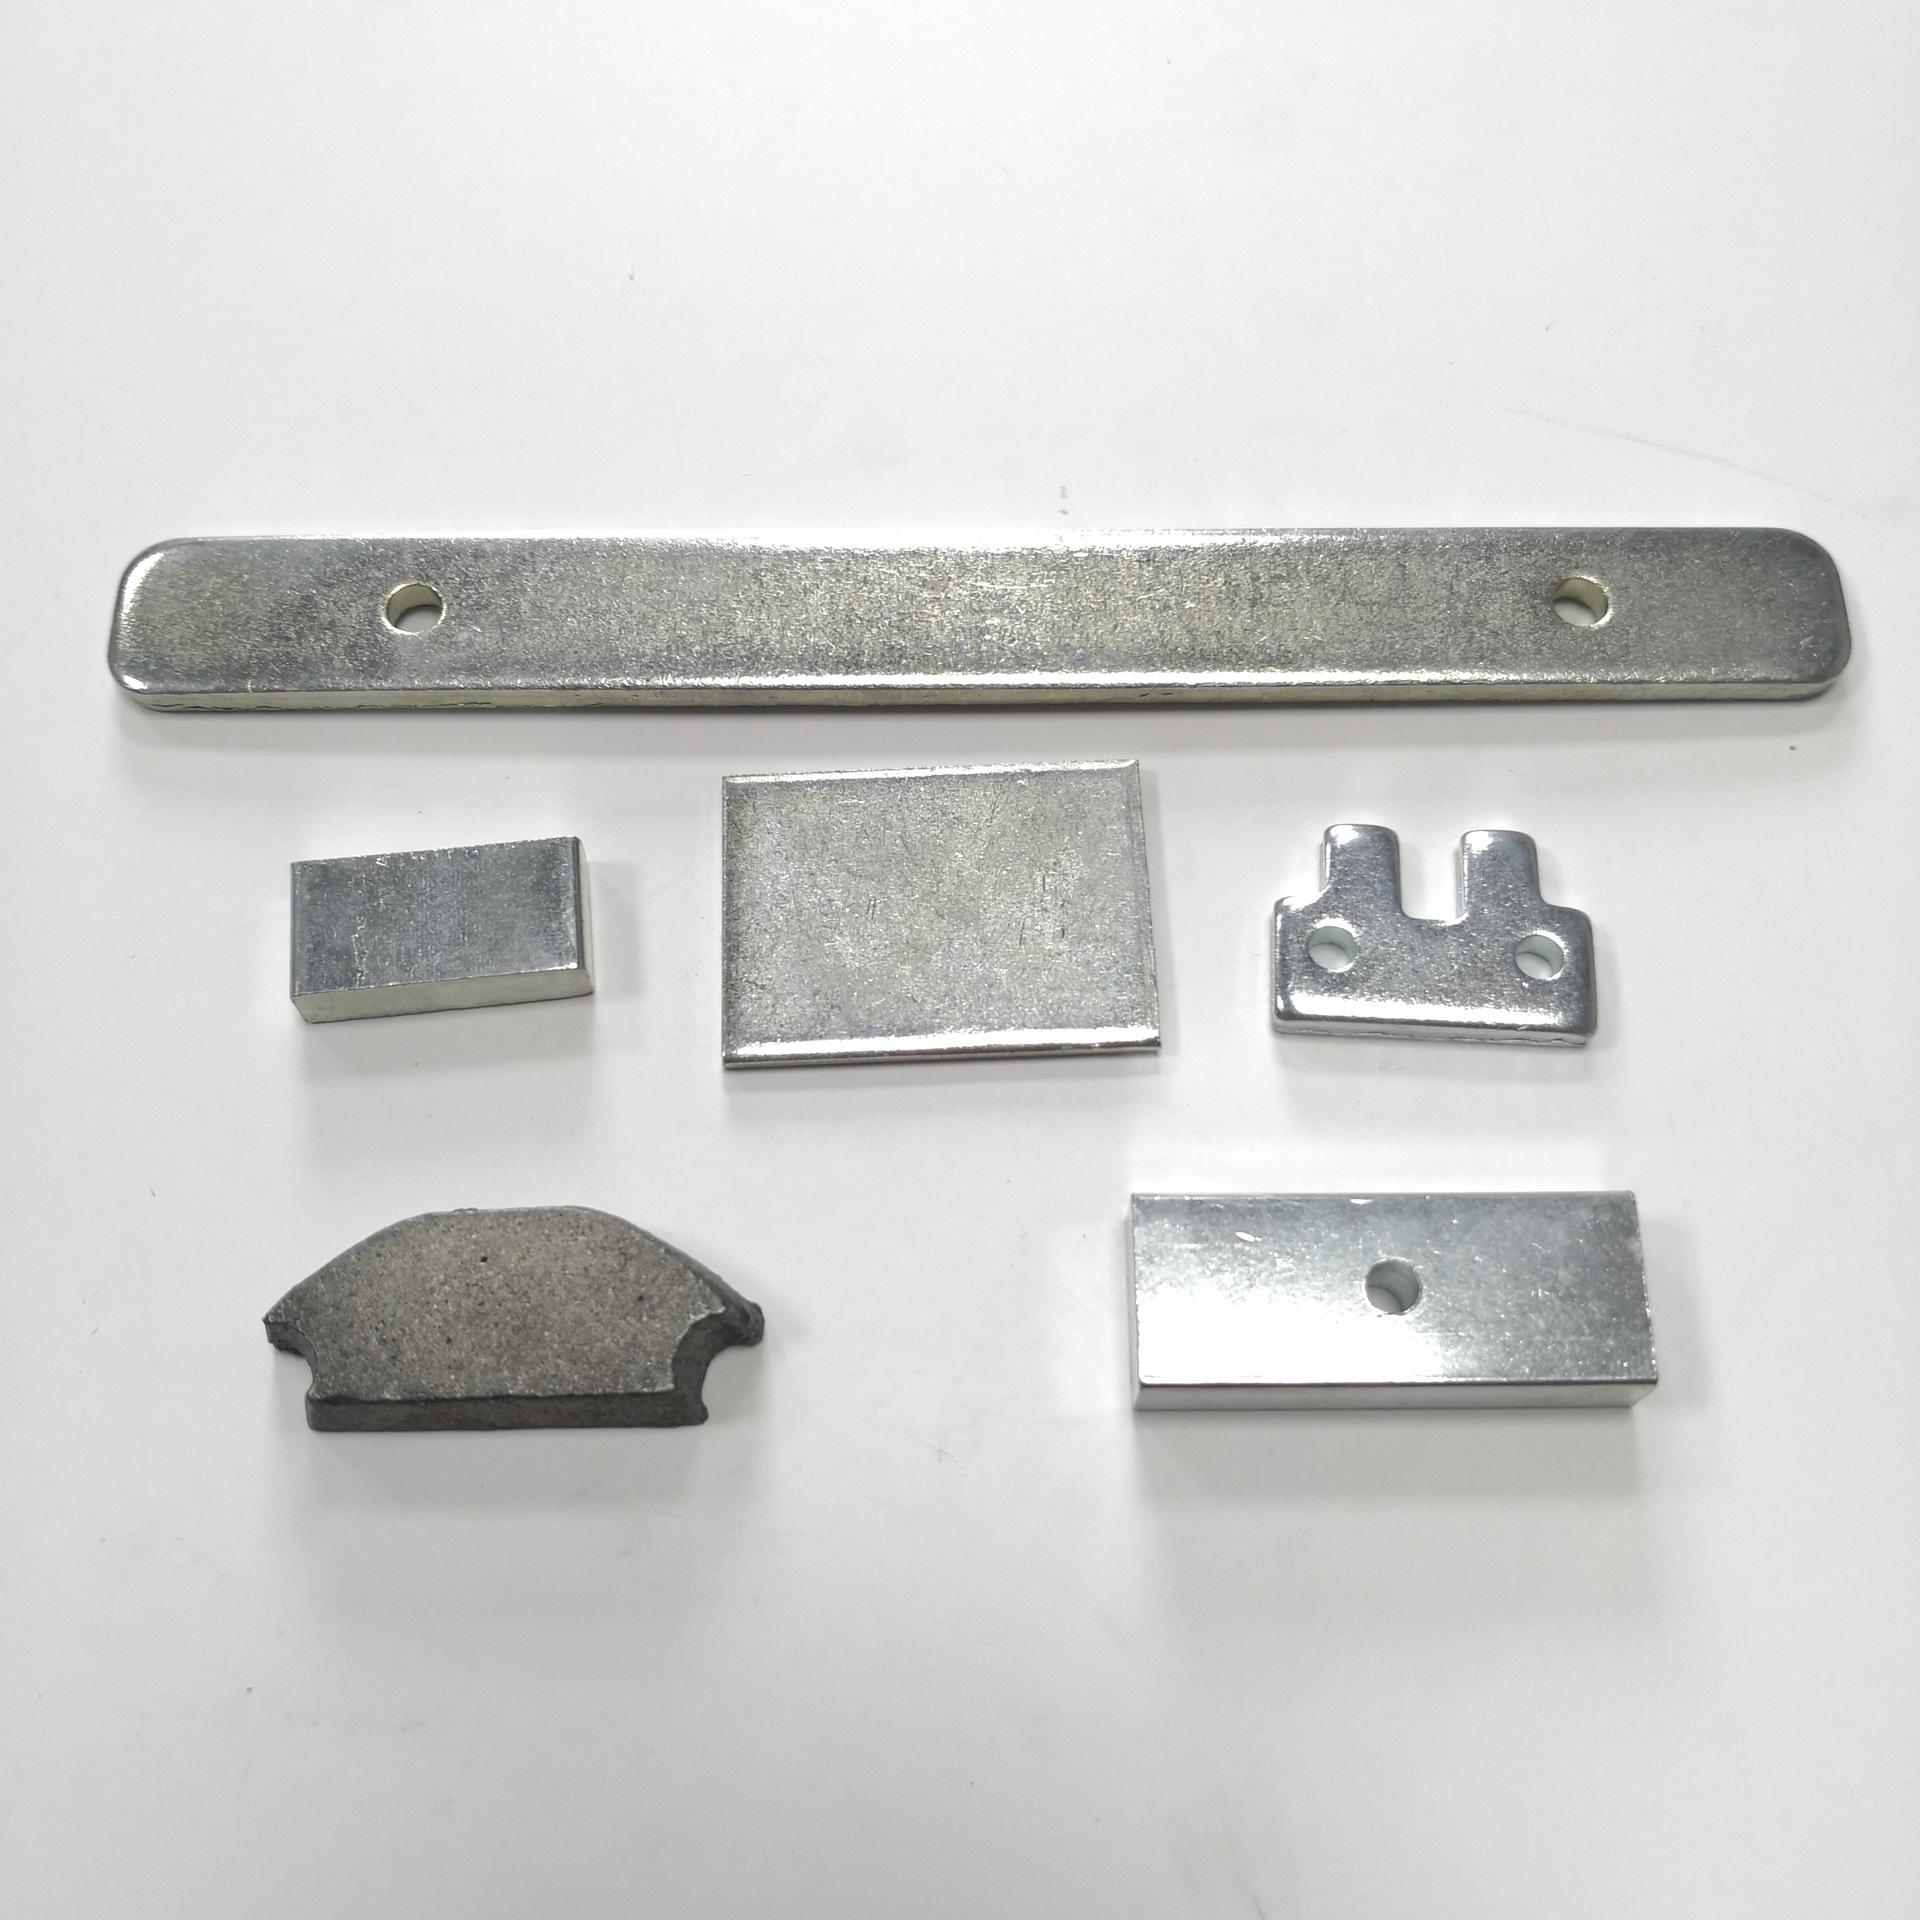 加重铁,冲压件,弹簧片,接触片,电池片,插头五金,各种材料